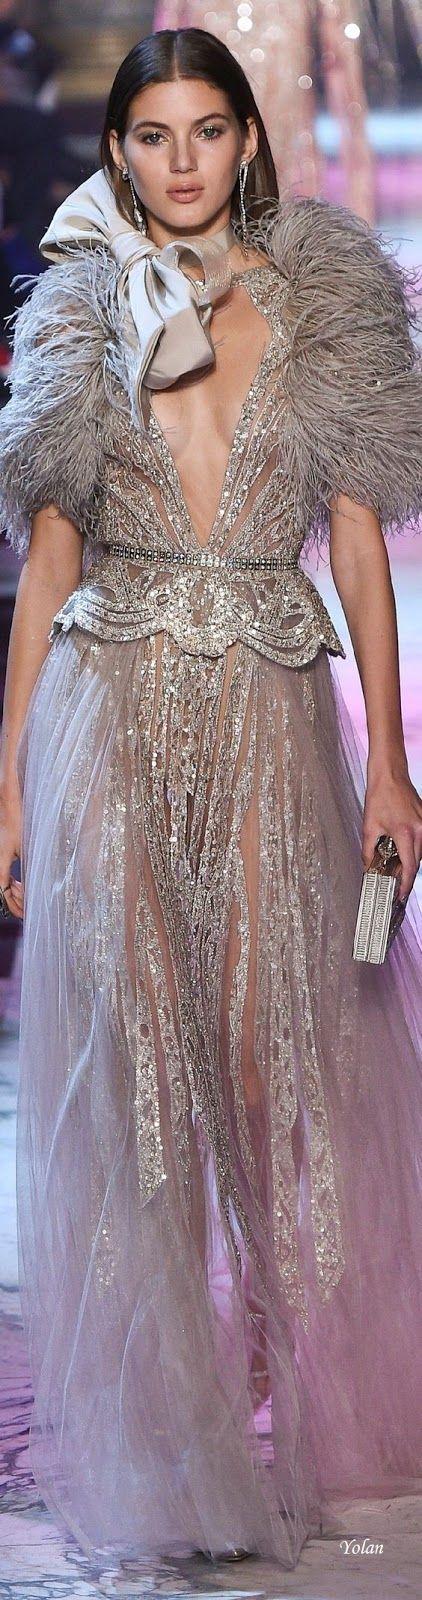 Sueños compartidos : Spring 2018 Haute Couture Elie Saab